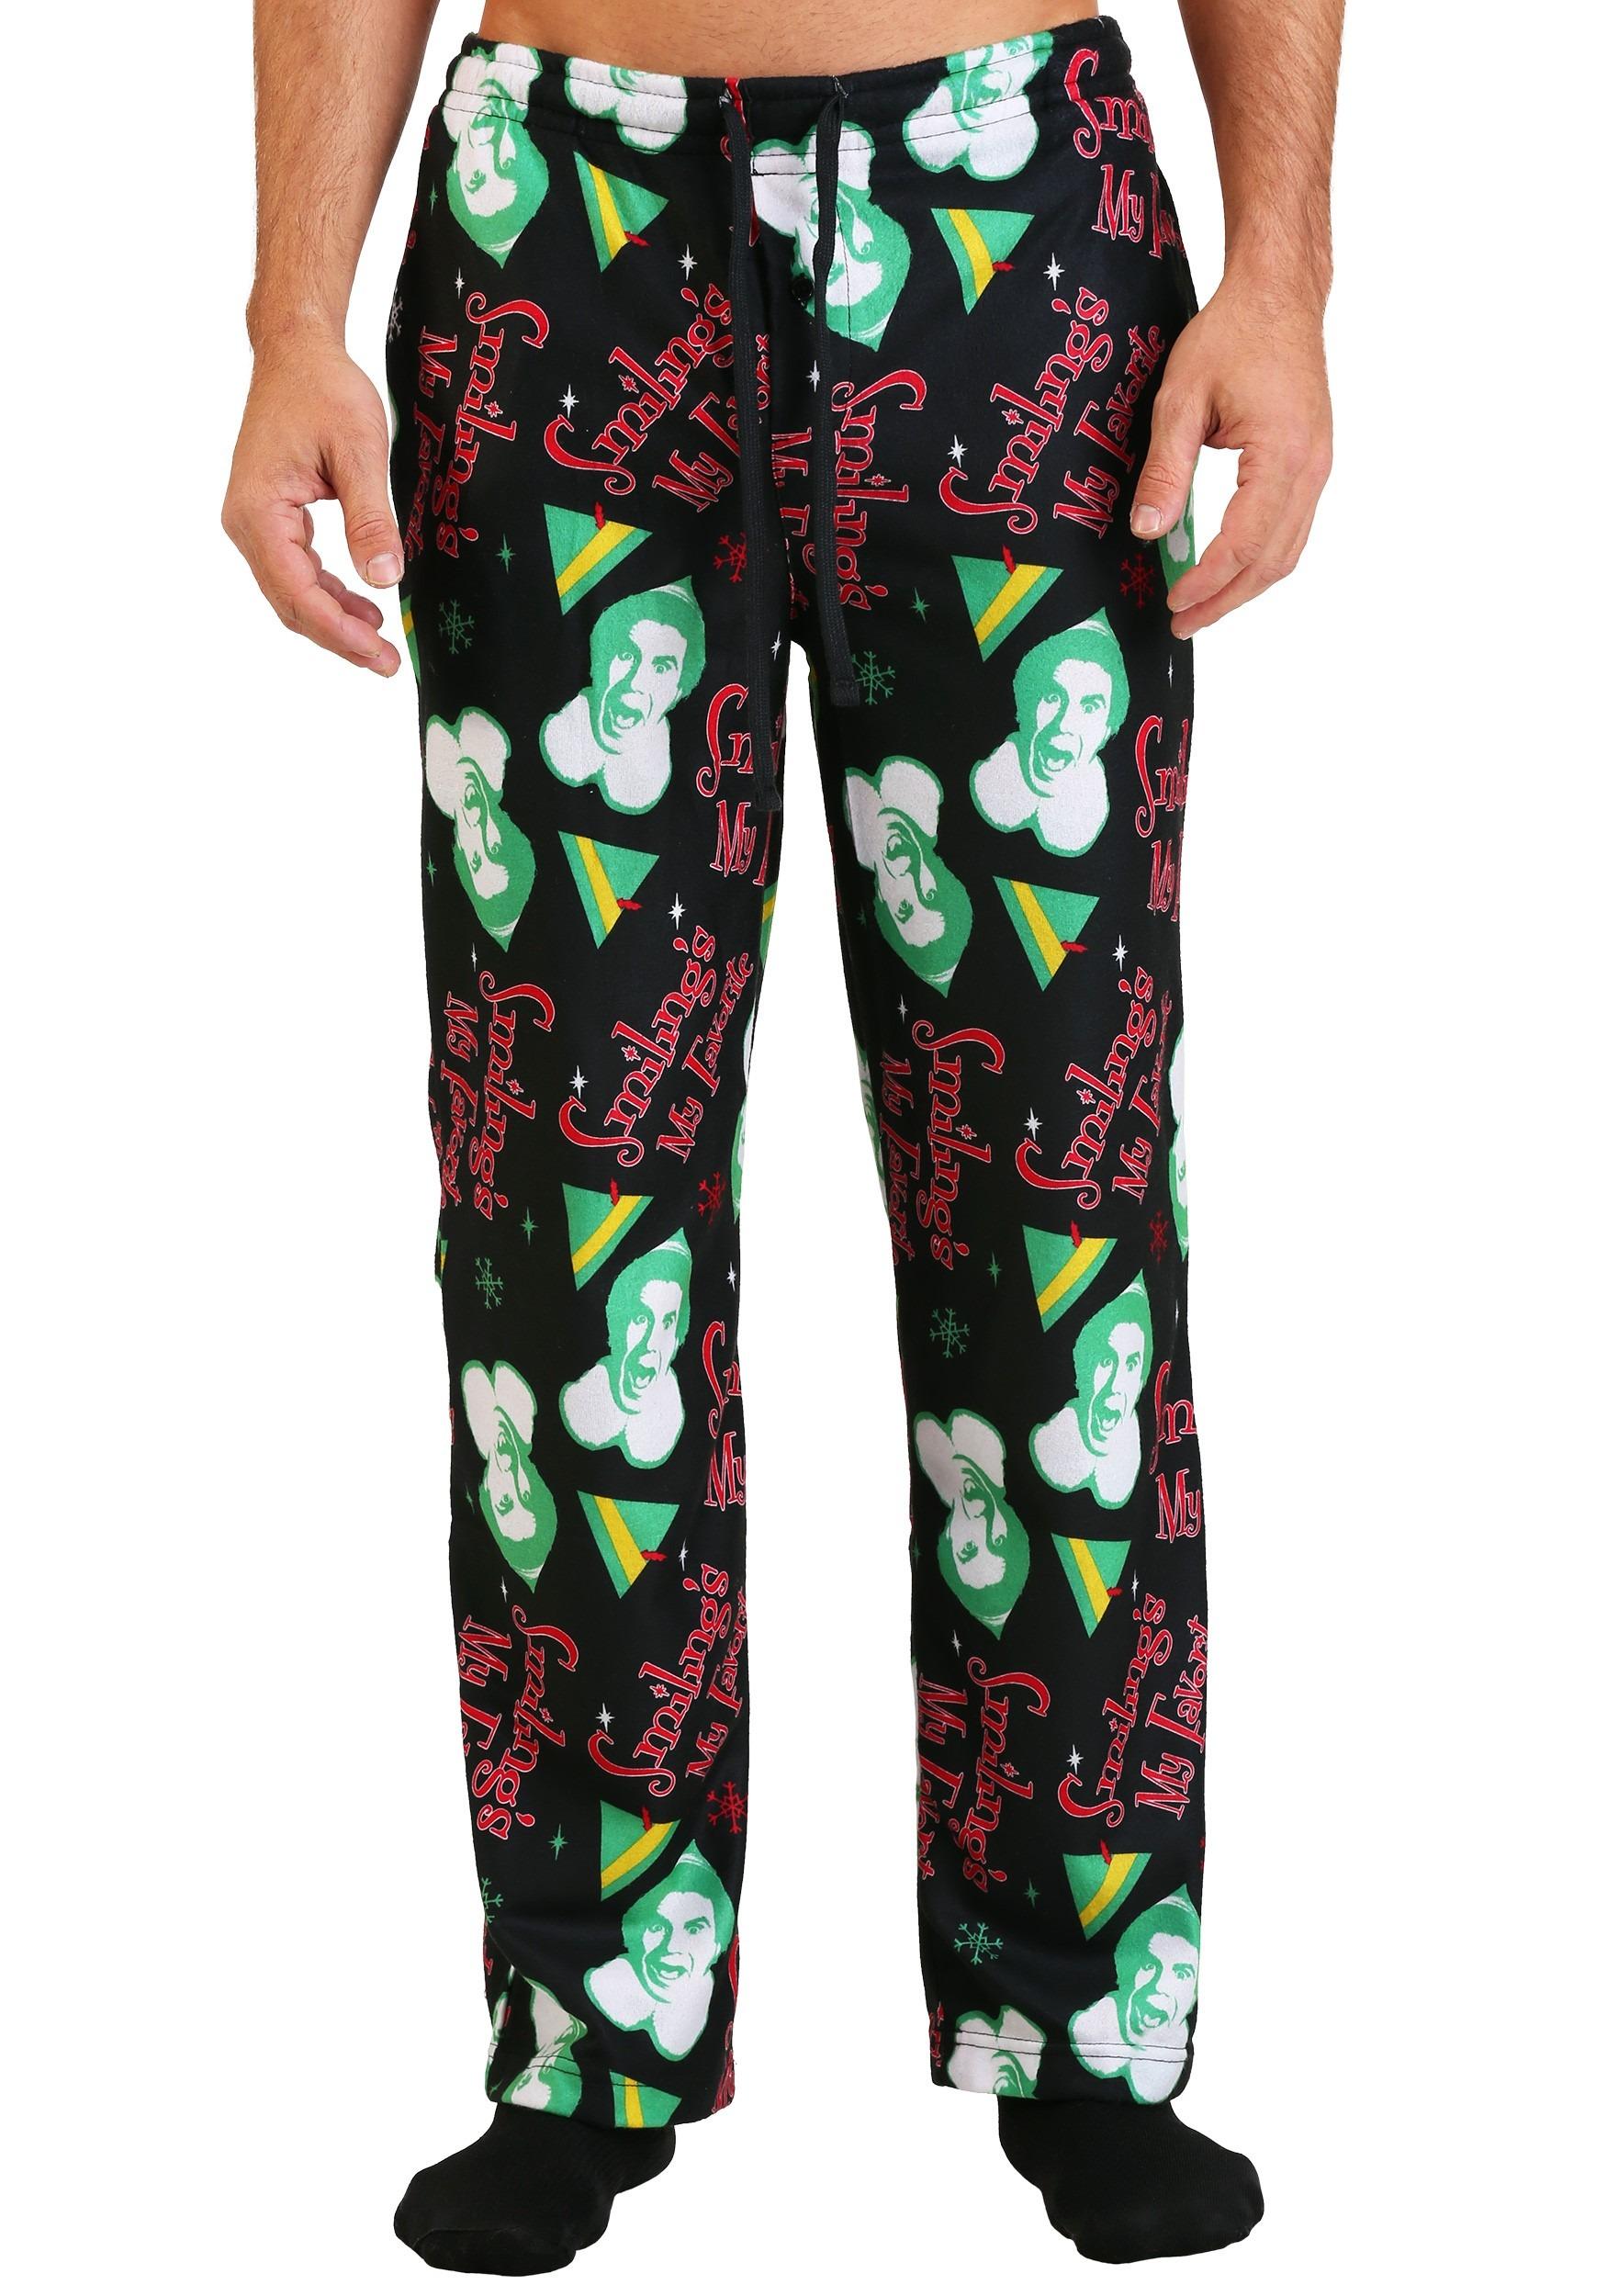 Christmas Pajama Pants For Boys